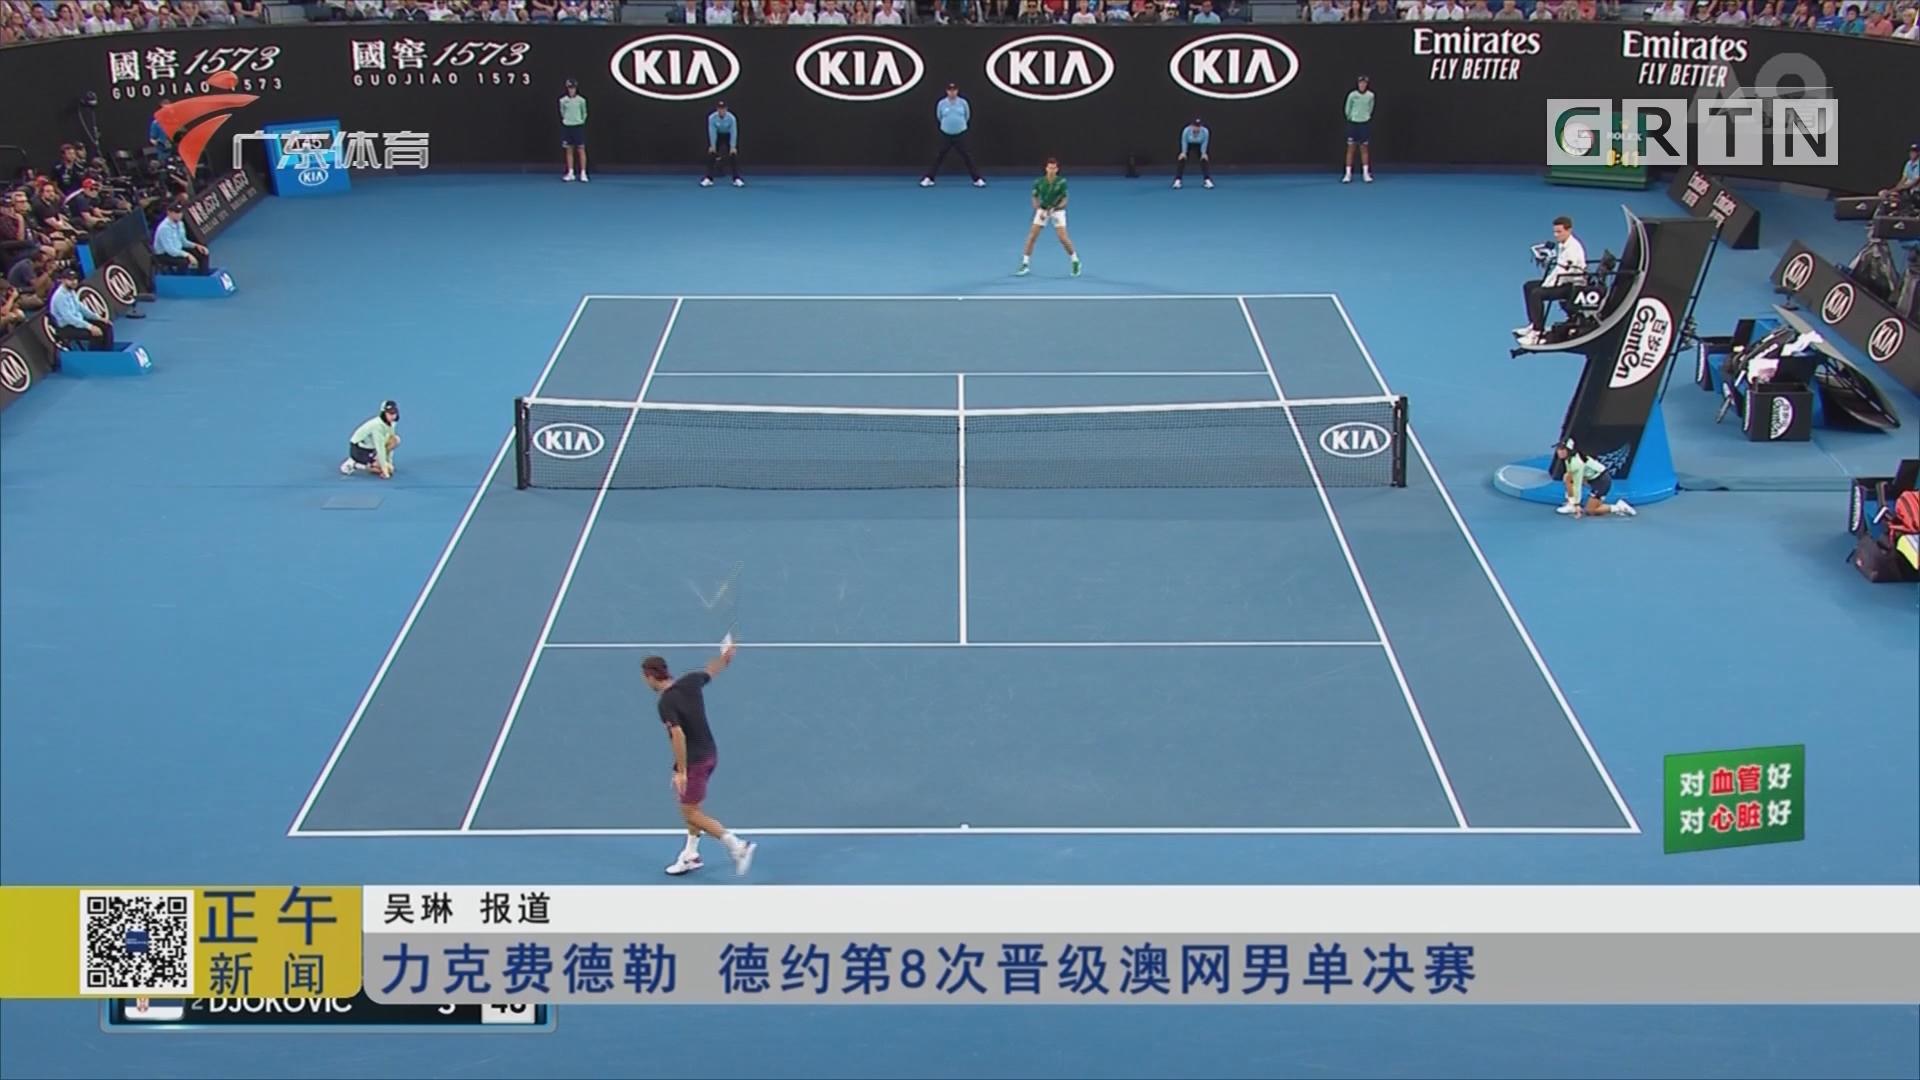 力克费德勒 德约第8吃晋级澳网男单决赛